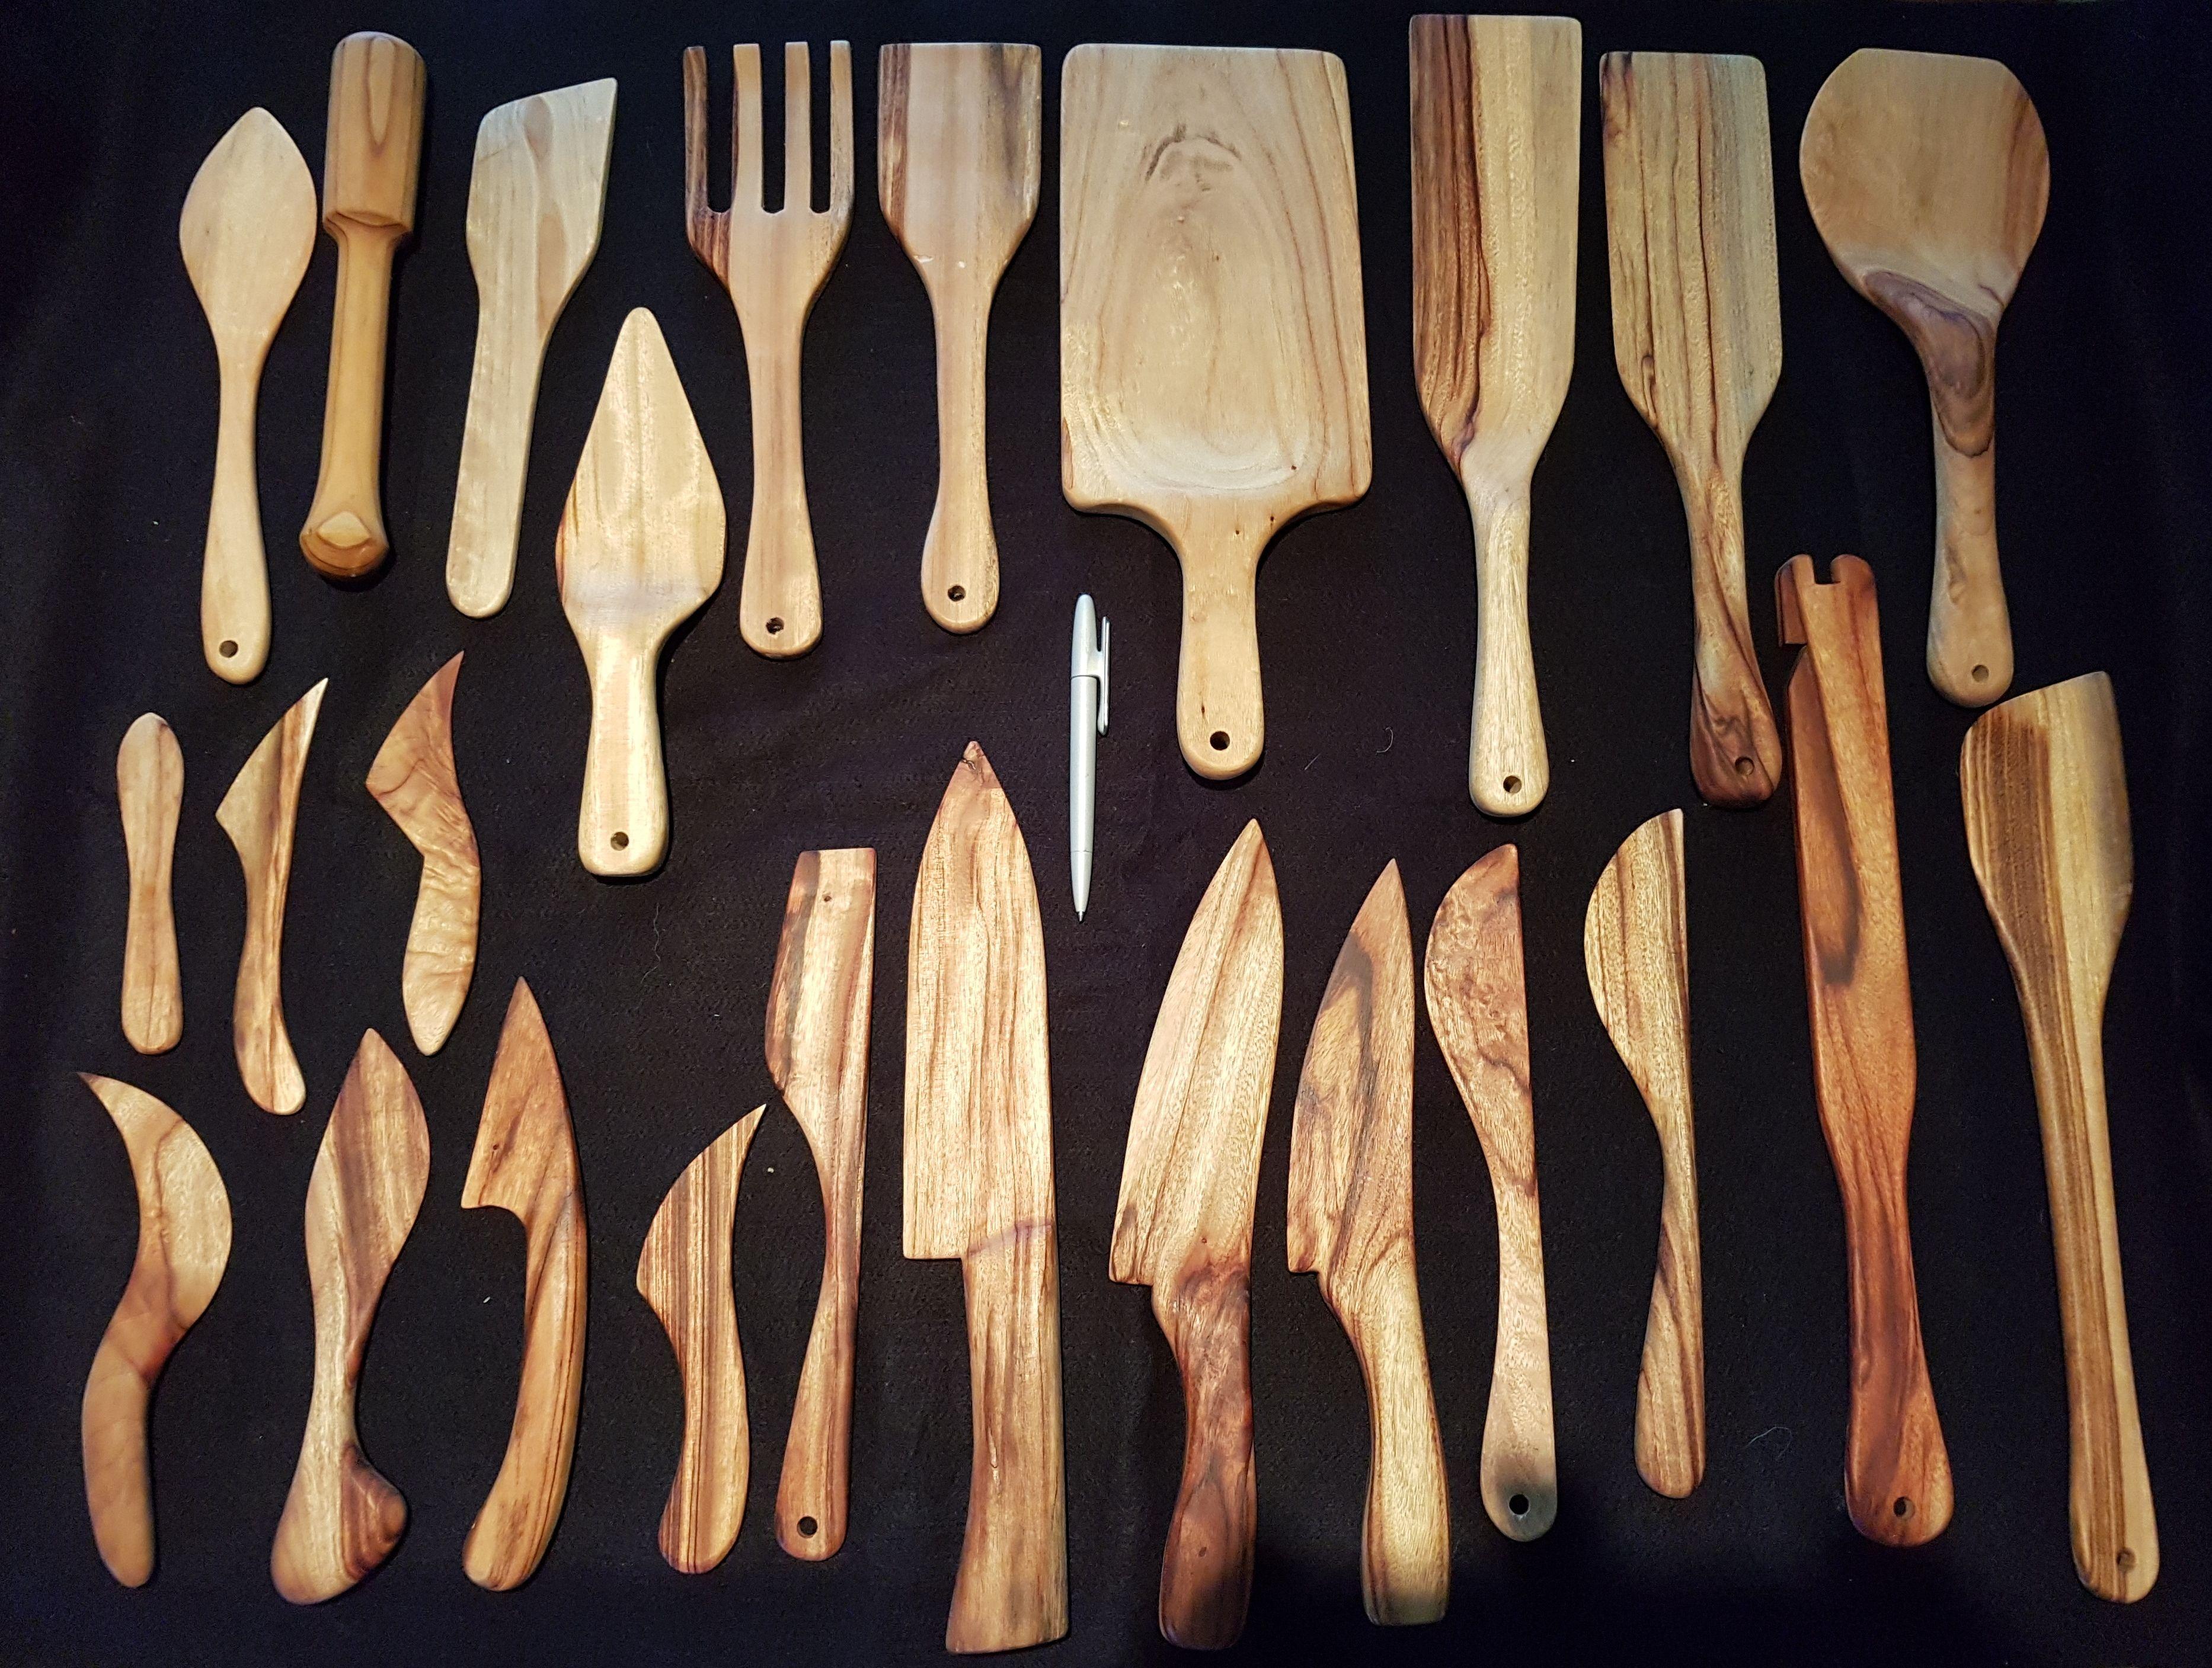 Camphor Laurel kitchen utensils by Robert Gray